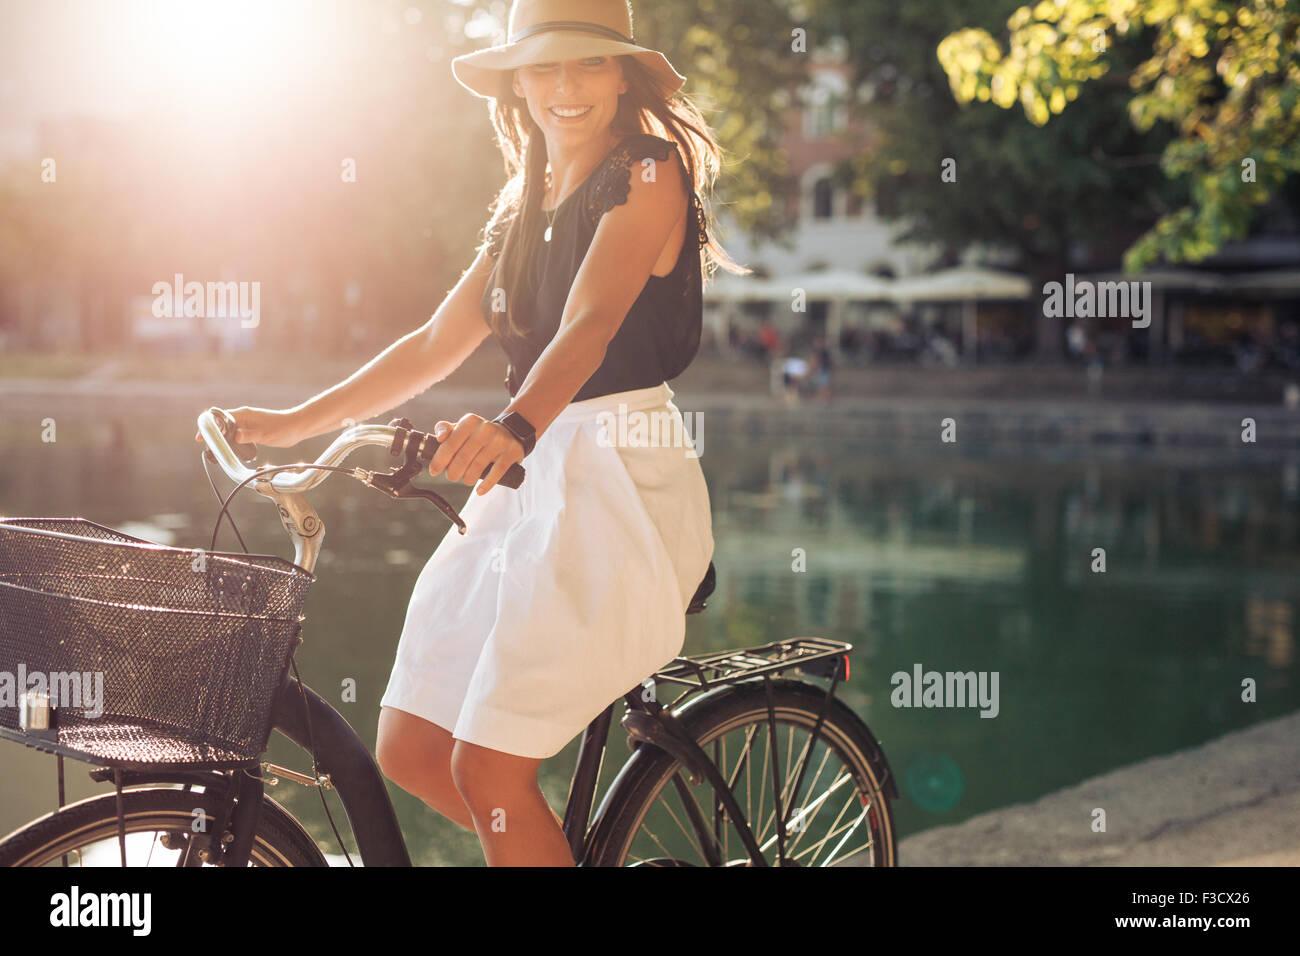 Ritratto di felice giovane femmina la bicicletta da un laghetto. Donna che indossa un cappello su un giorno di estate Immagini Stock